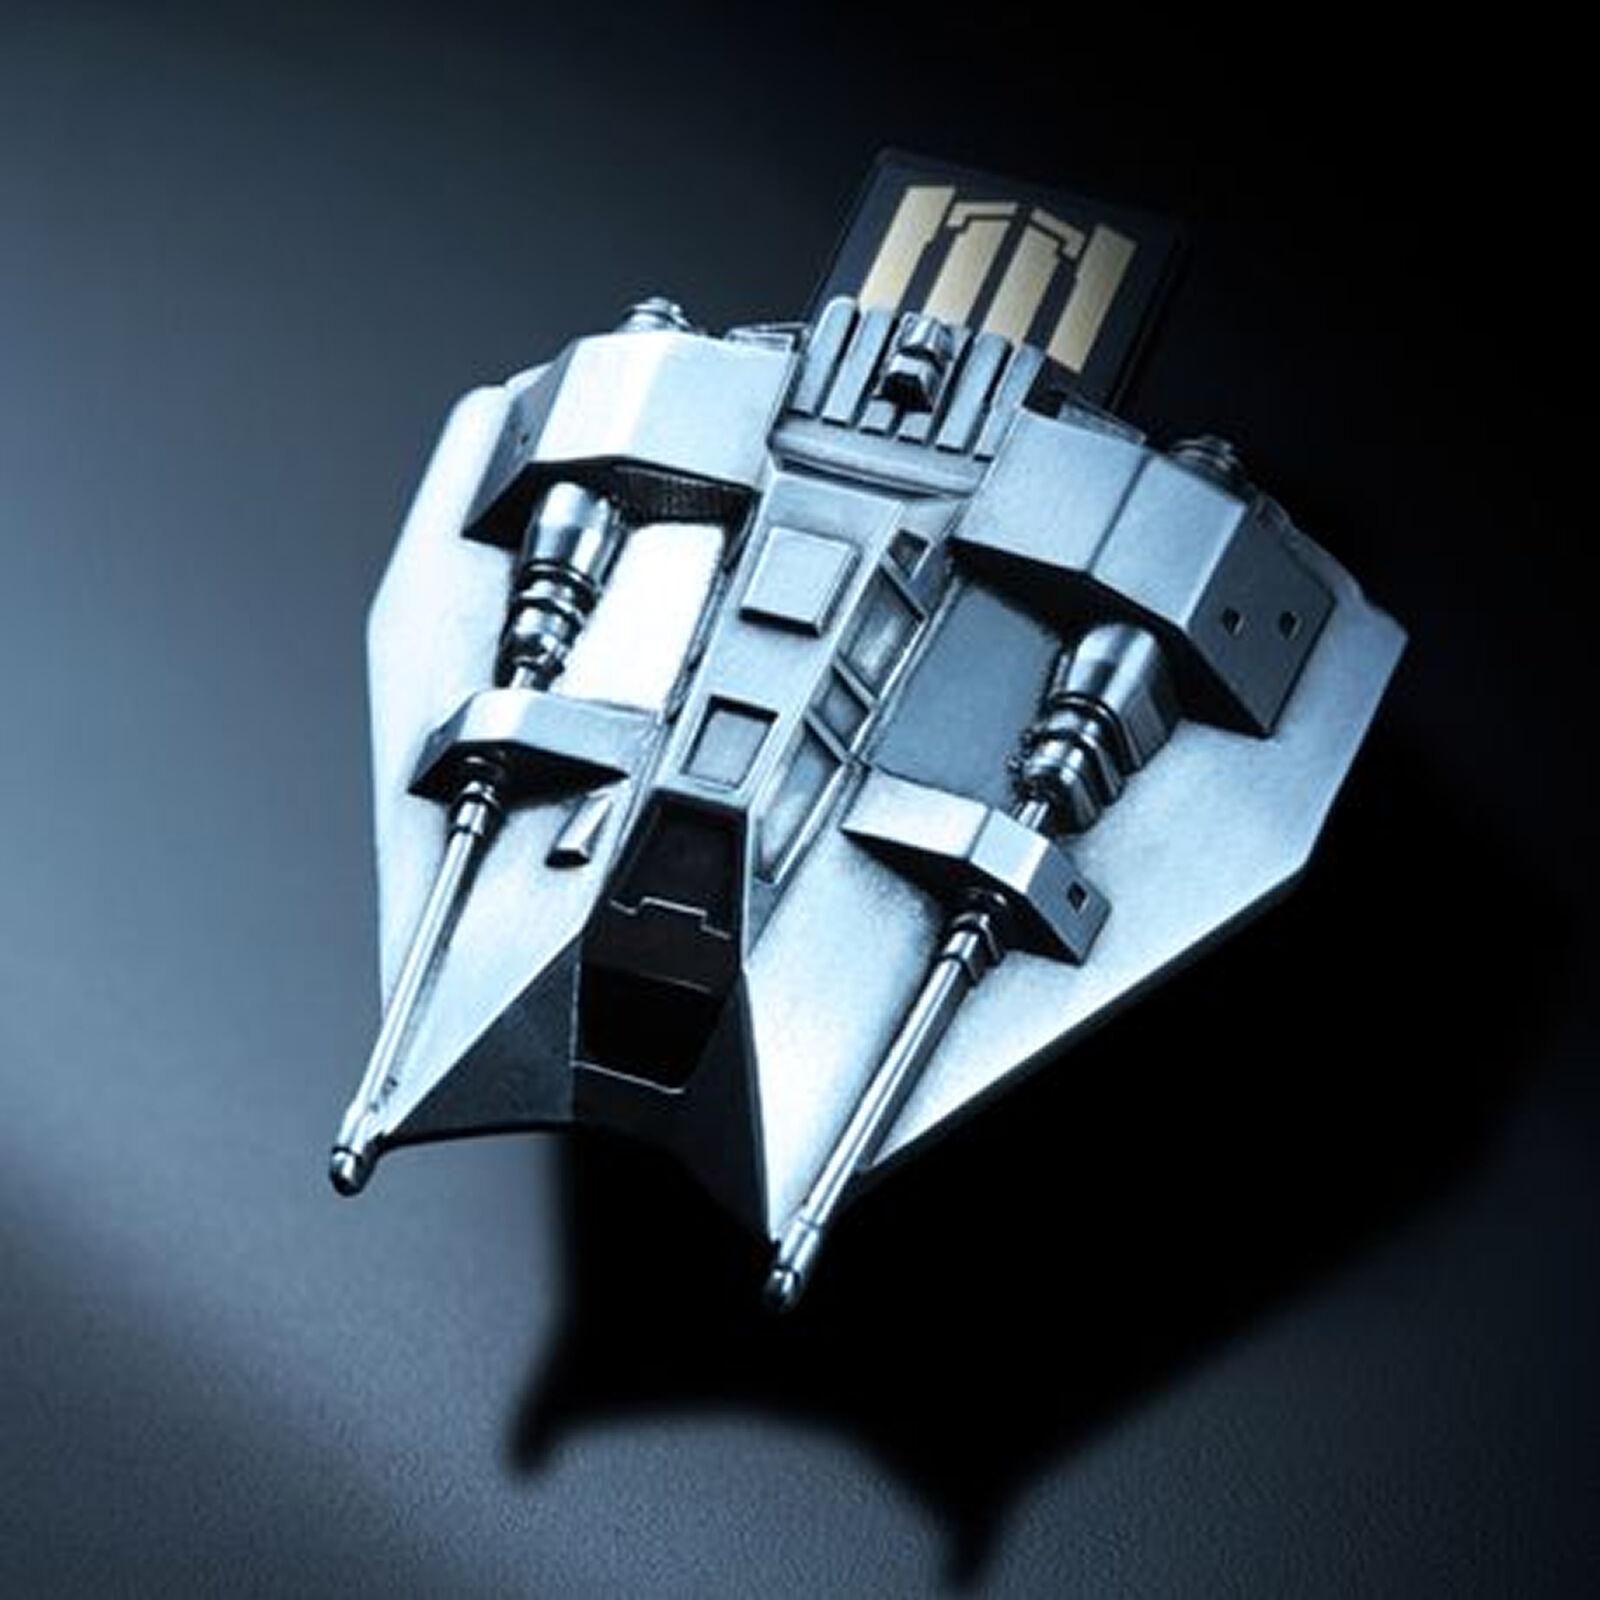 Star - wars - zinn stick 16gb - schnee - flitzer lizenziert von royal selangor